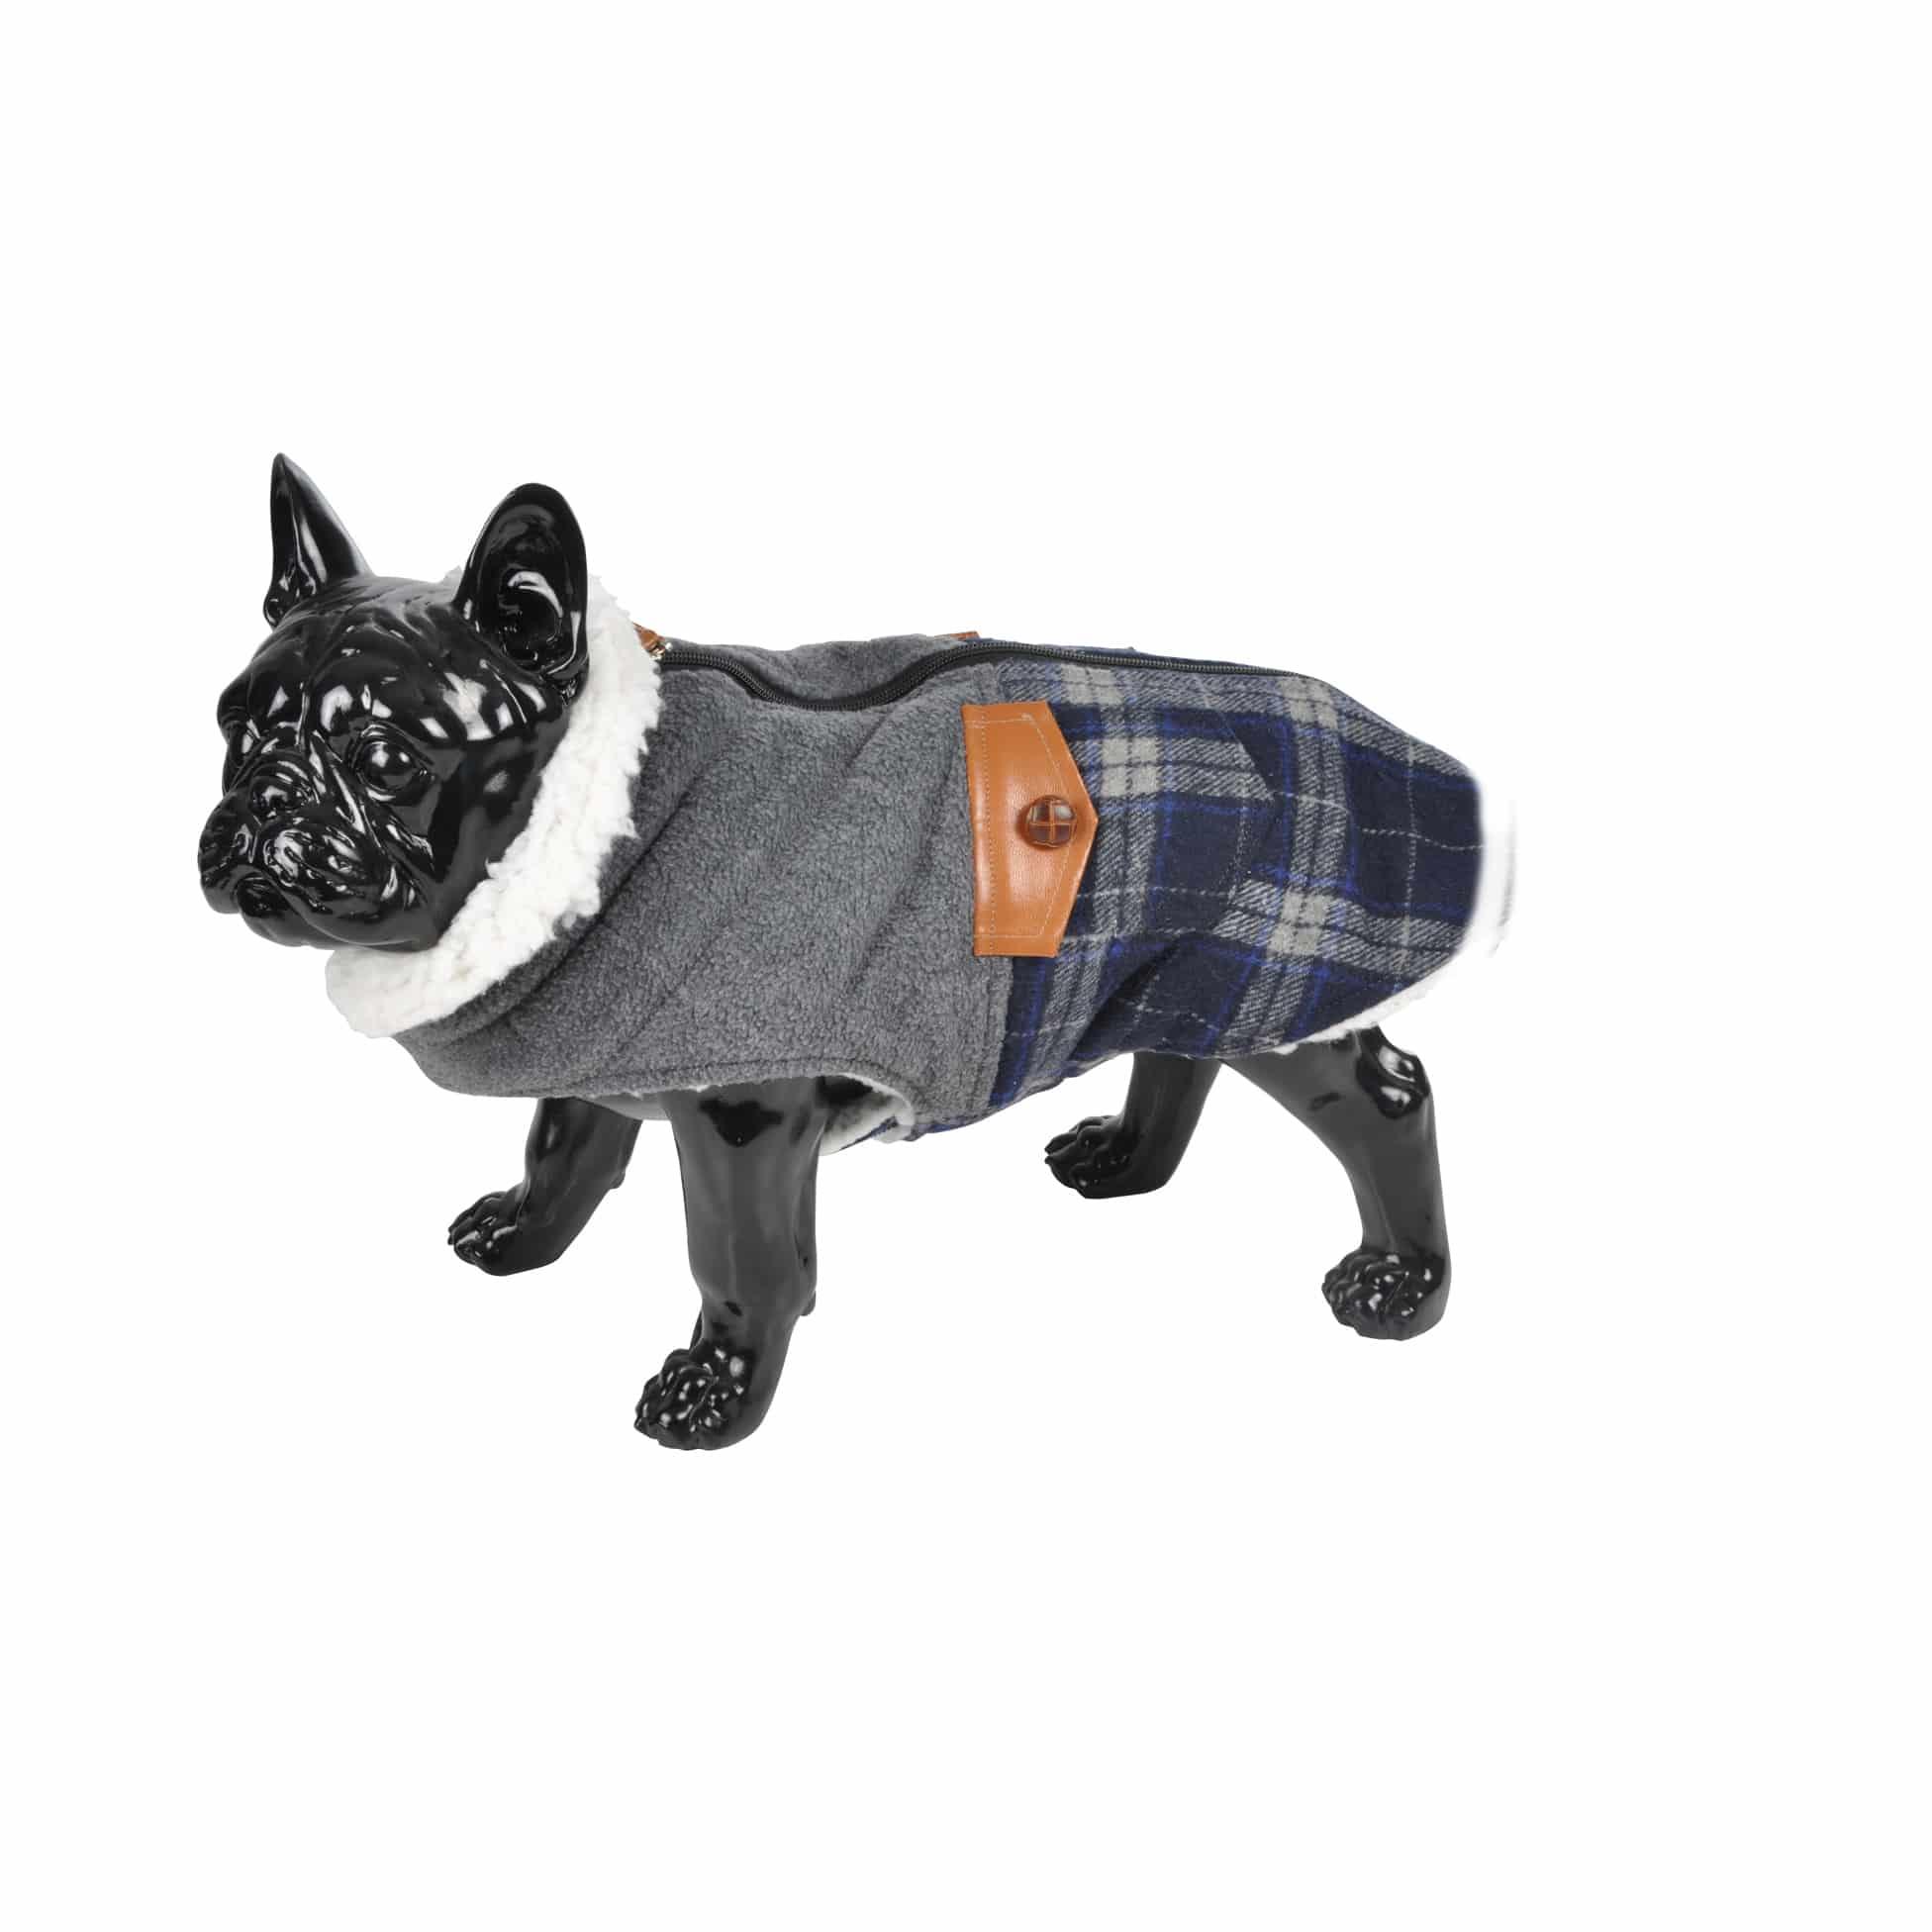 4Goodz warme geruiten winter hondenjas van fleece 35 cm - Blauw